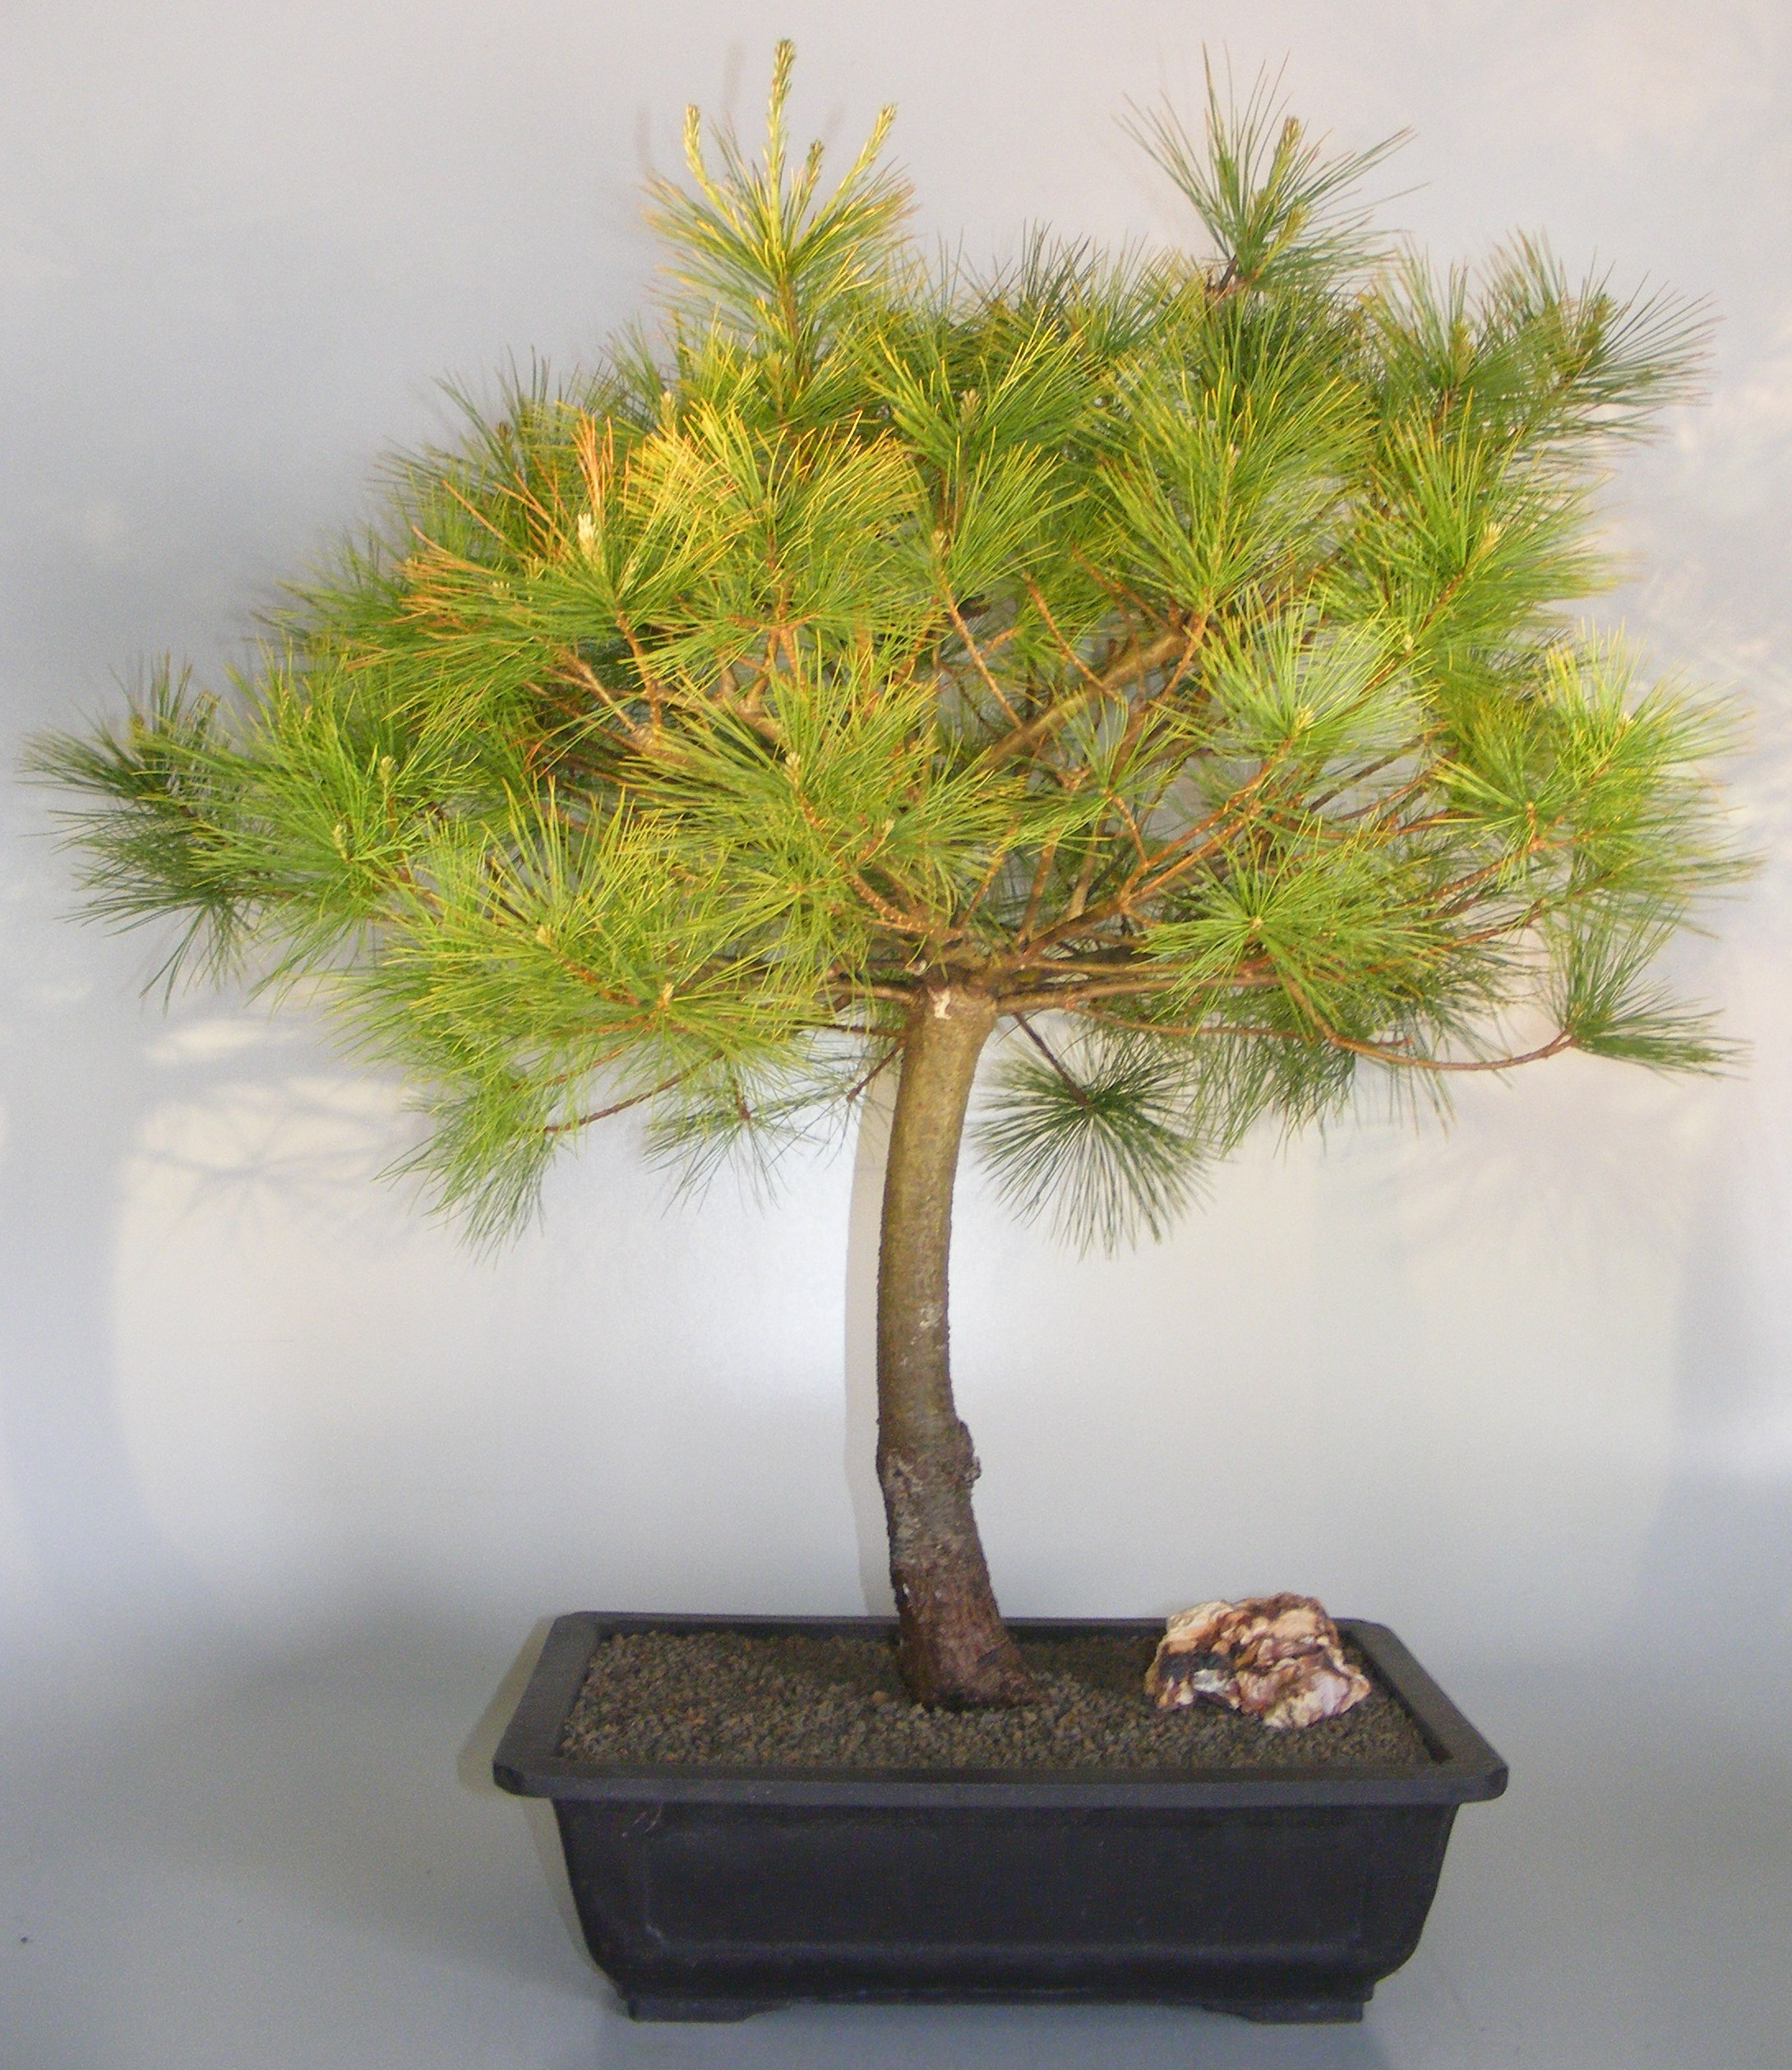 Japanese White Pine Bonsai Tree Pinus Parviflora